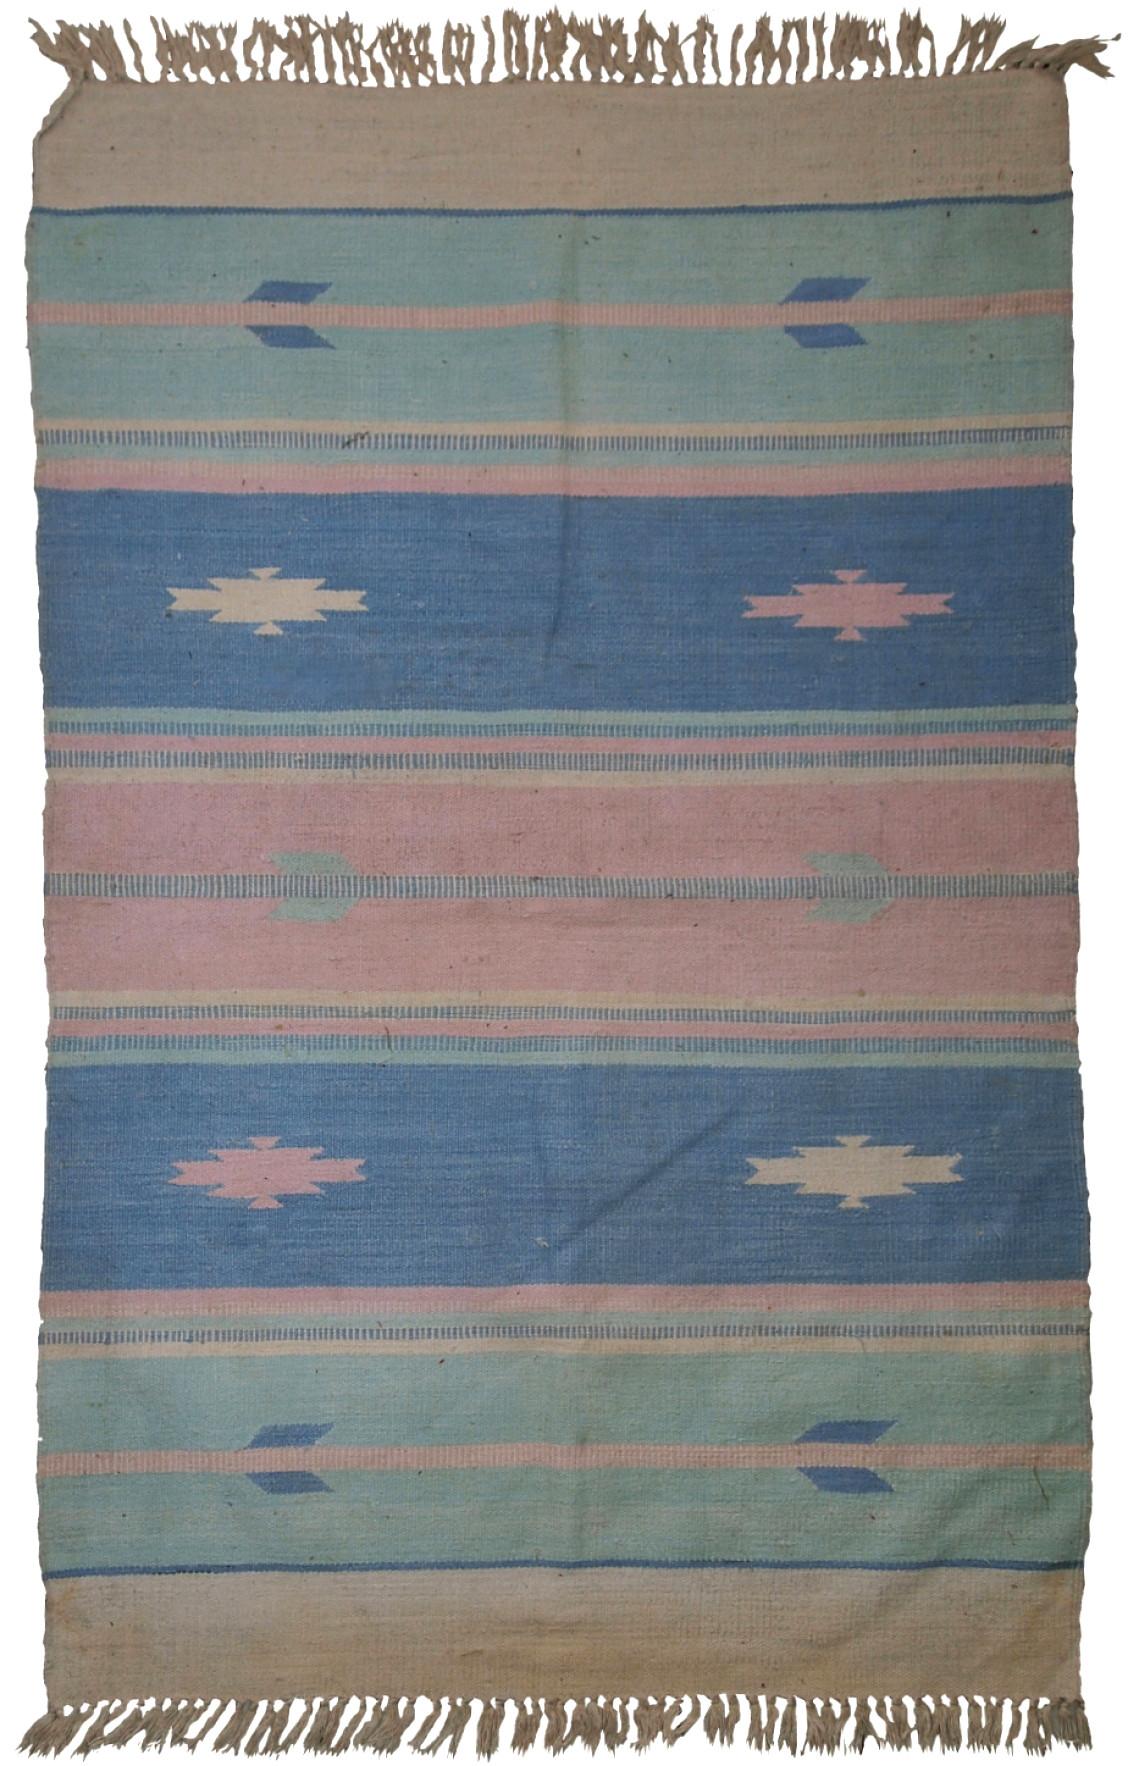 Handmade Vintage Indian Dhurri Kilim Rug